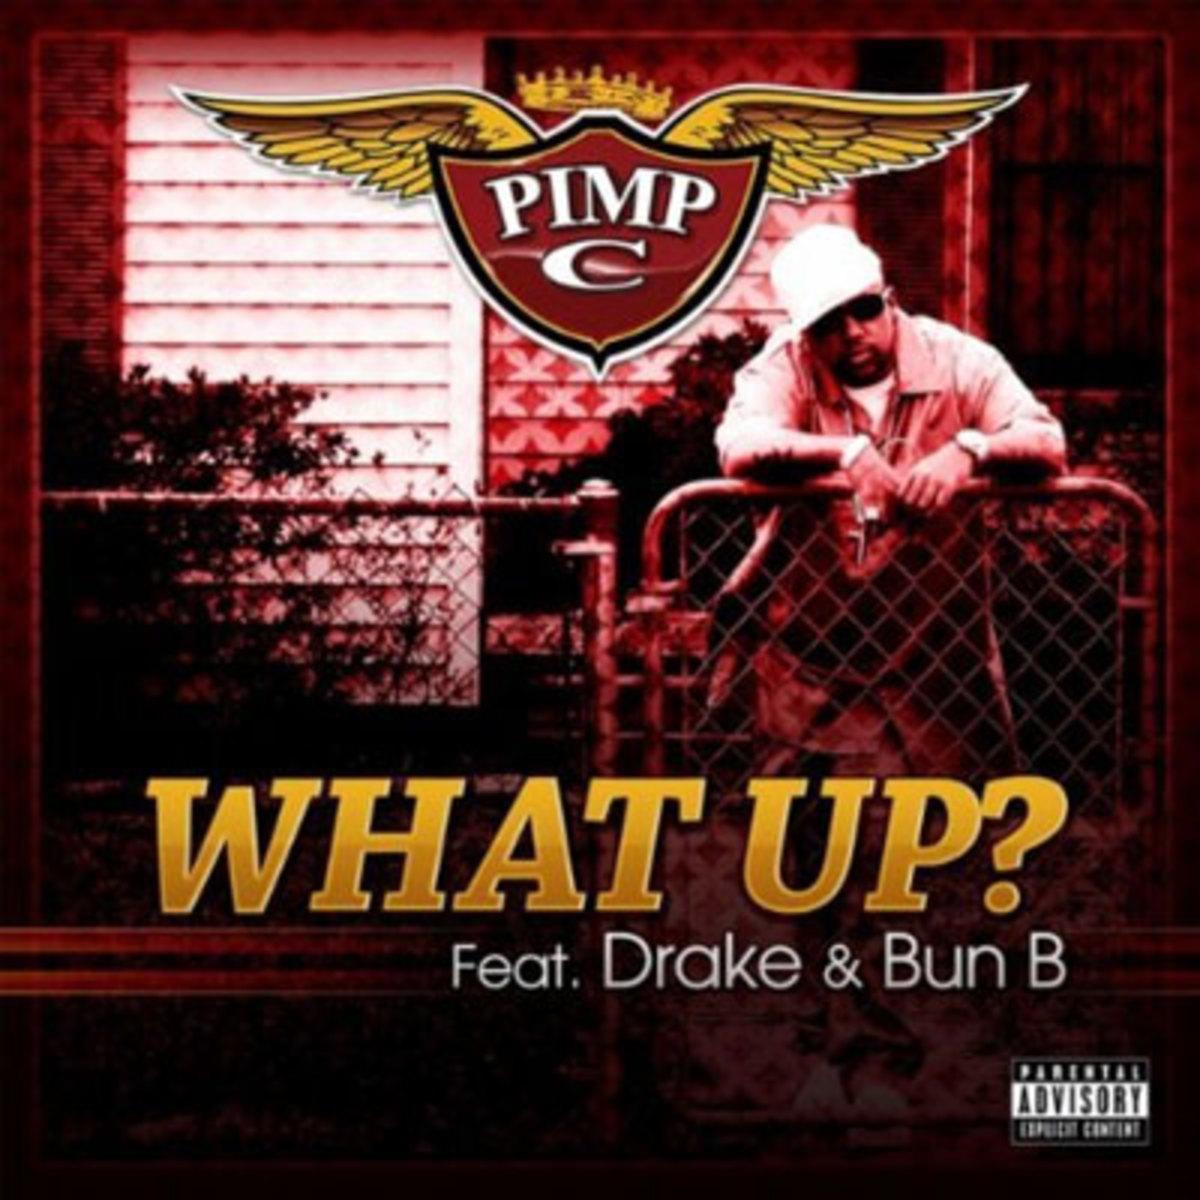 pimpc-whatup.jpg